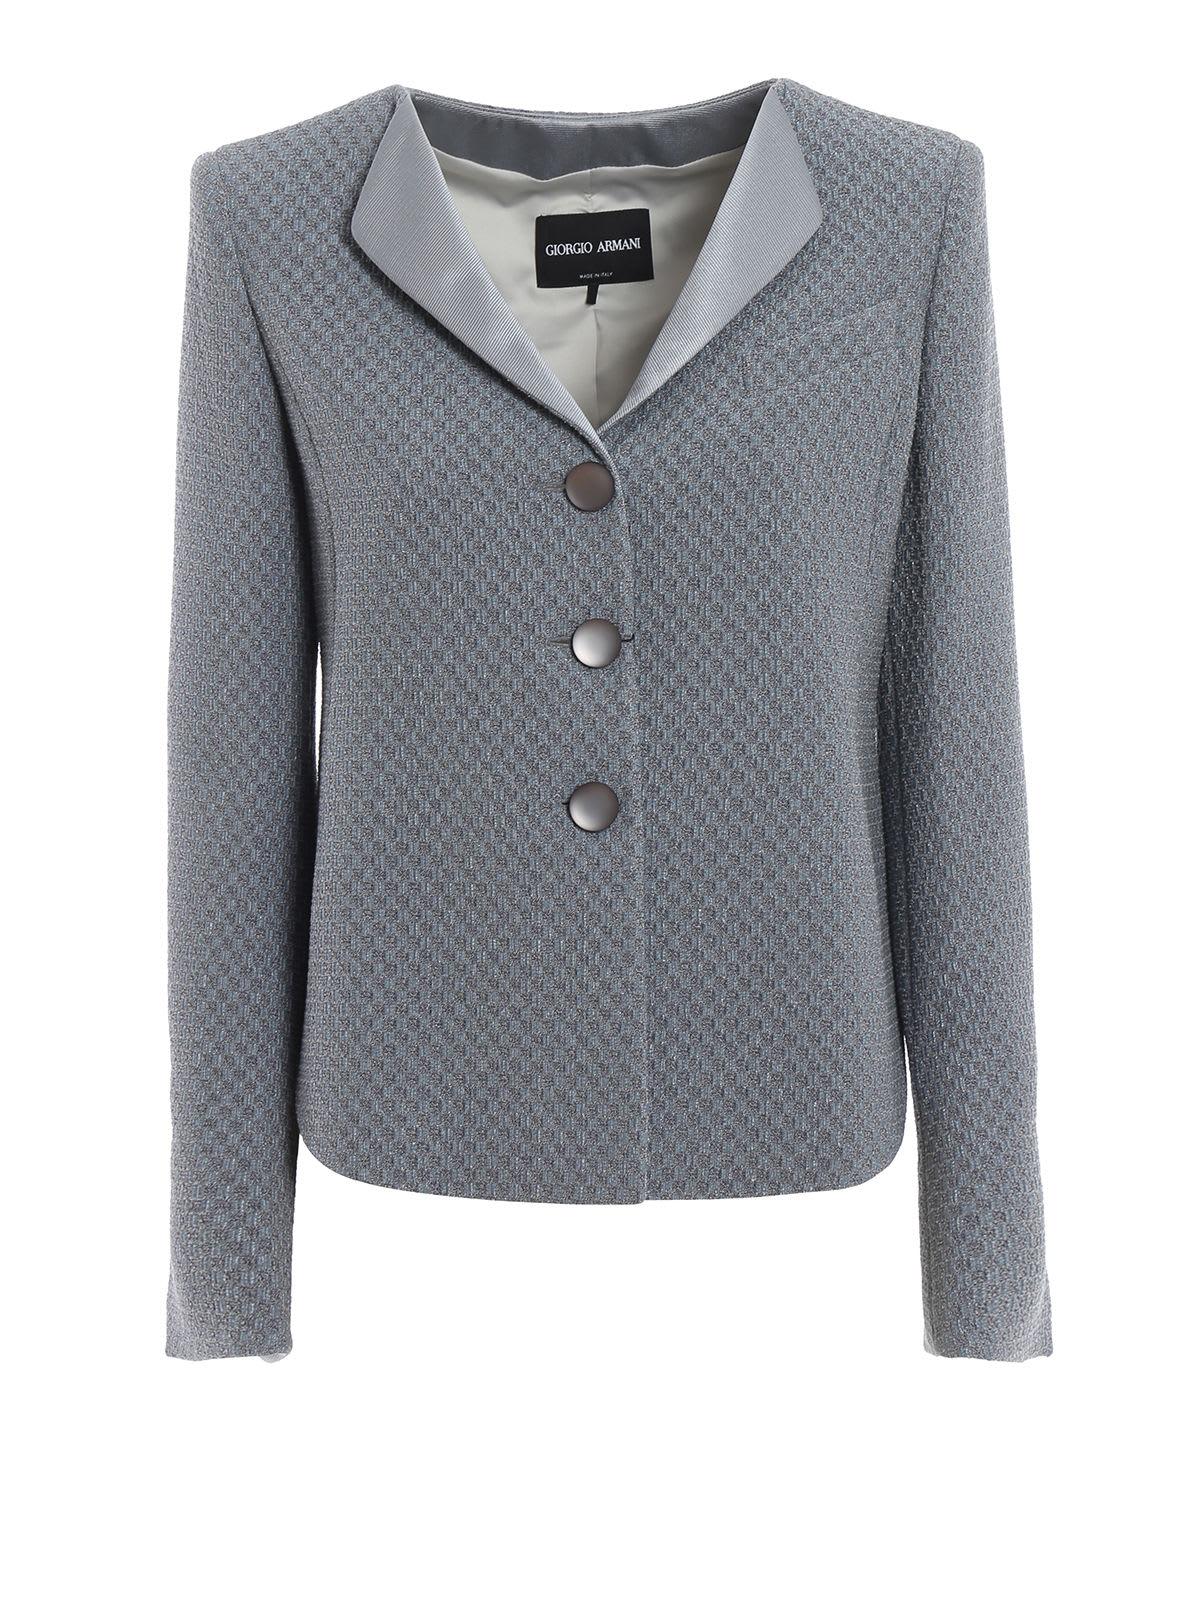 Giorgio Armani Checkerboard Jacquard Jacket